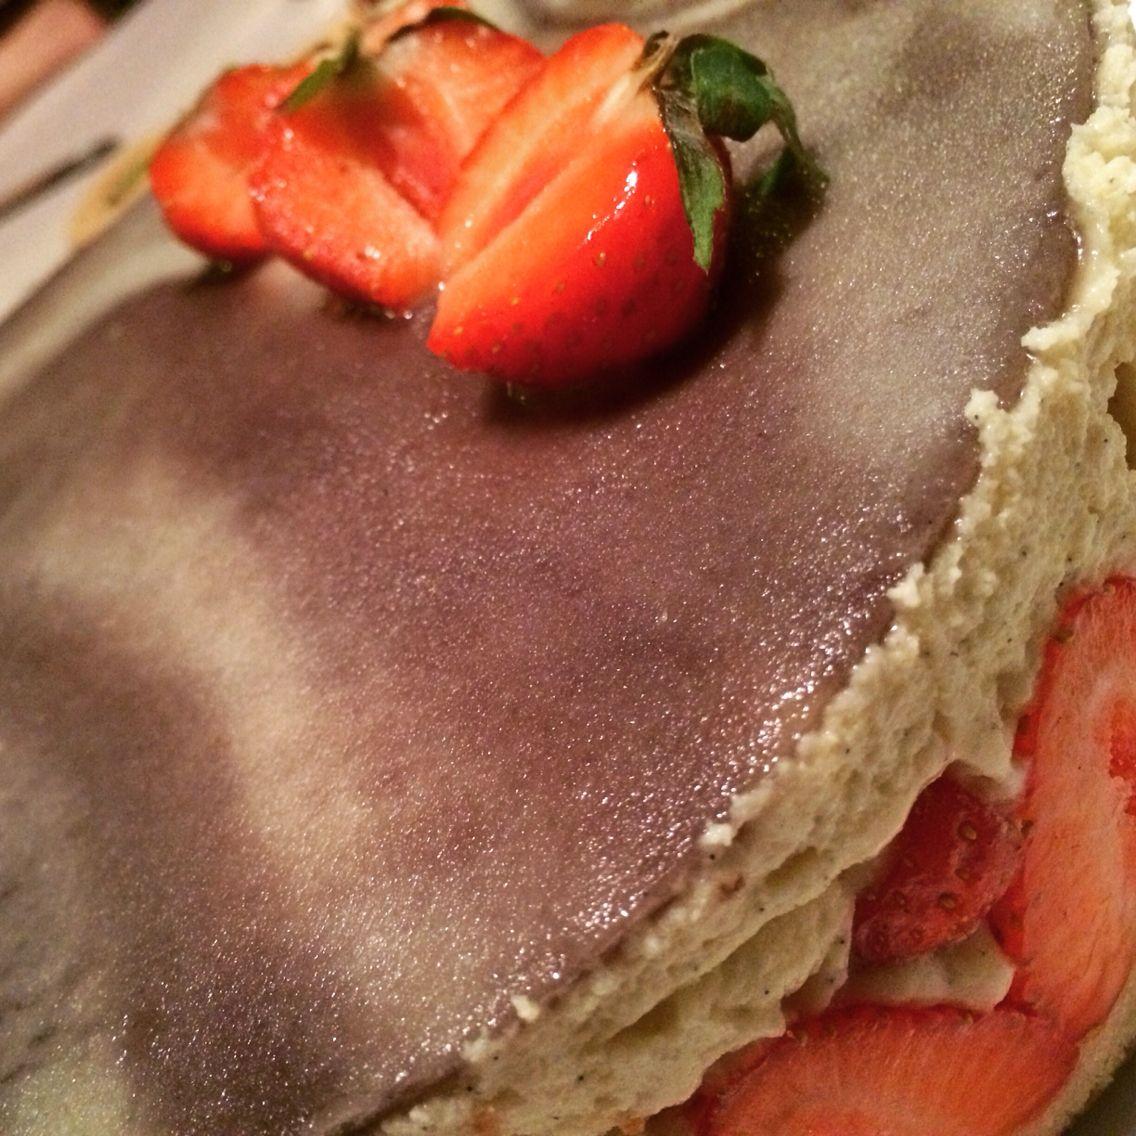 Fraisier ptitchefacademy cours de cuisine pour enfants - Cours de cuisine enfant ...